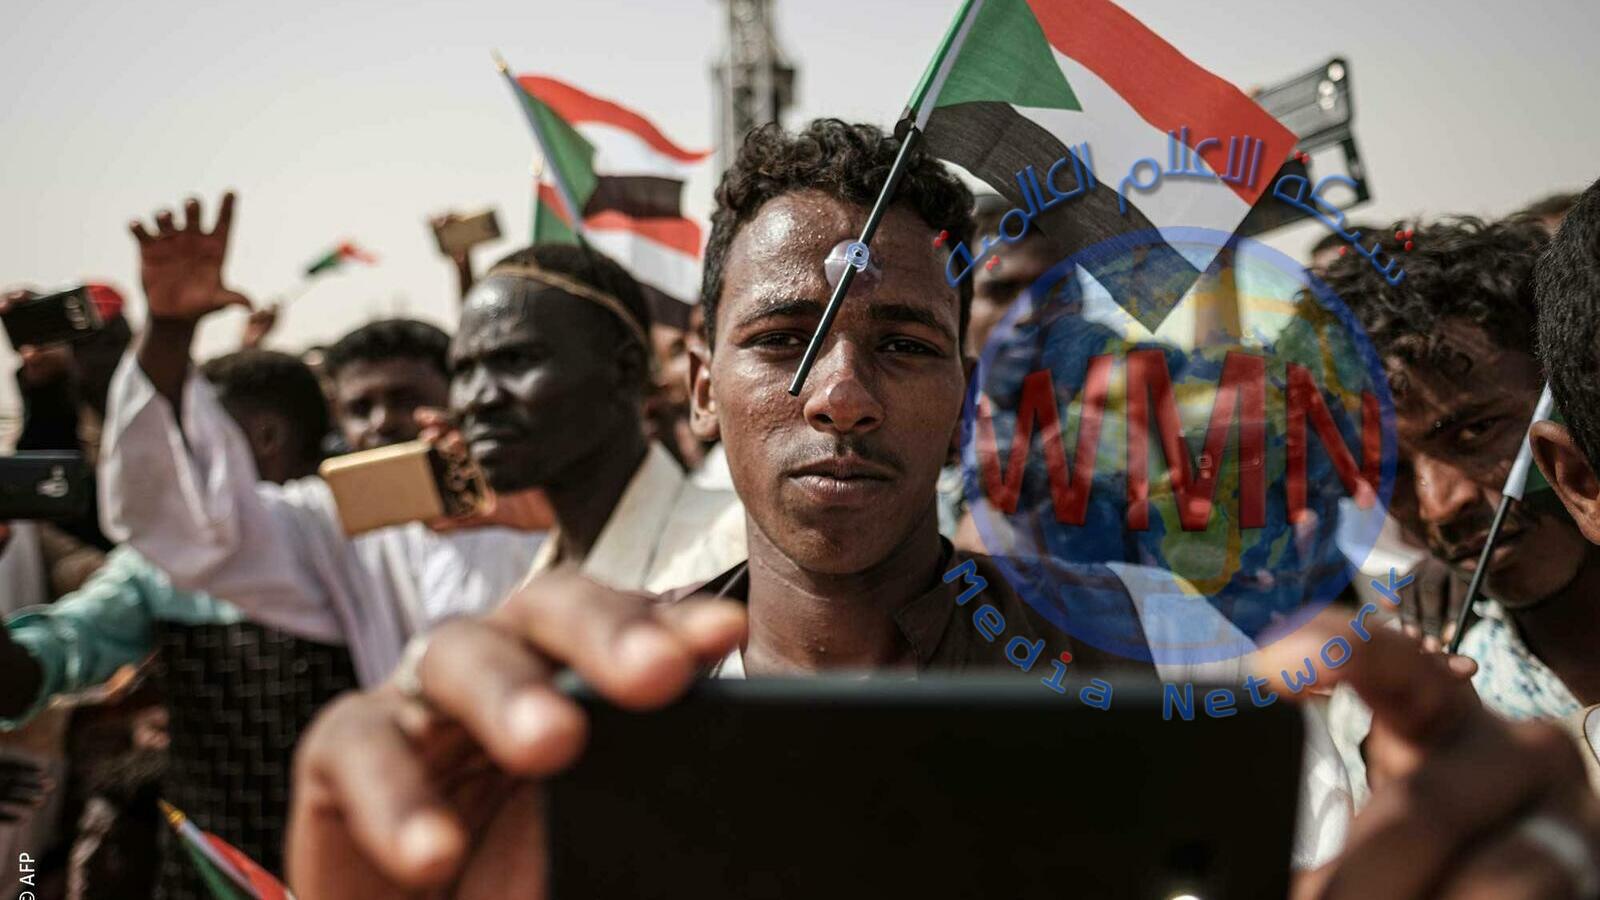 الأمن السوداني يفرق بالقوة تظاهرة طلابية في الخرطوم